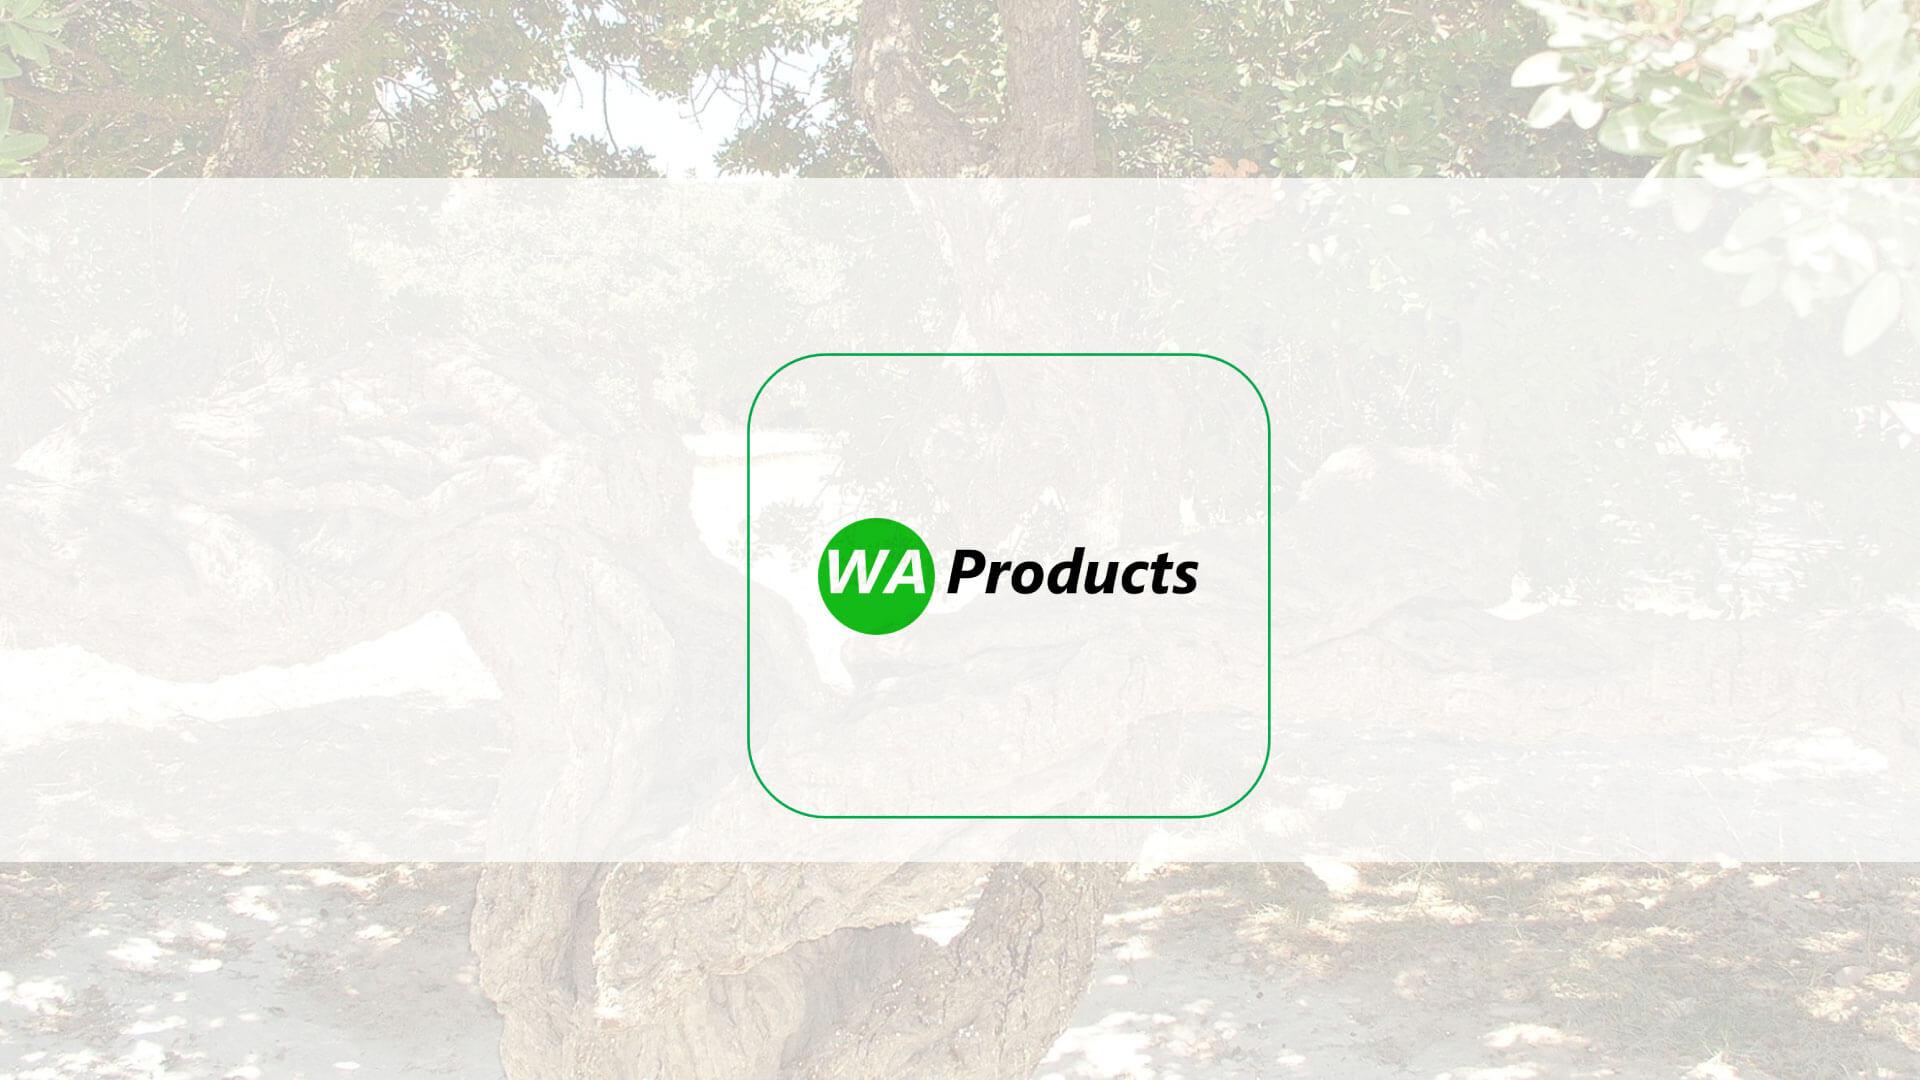 Wa Products